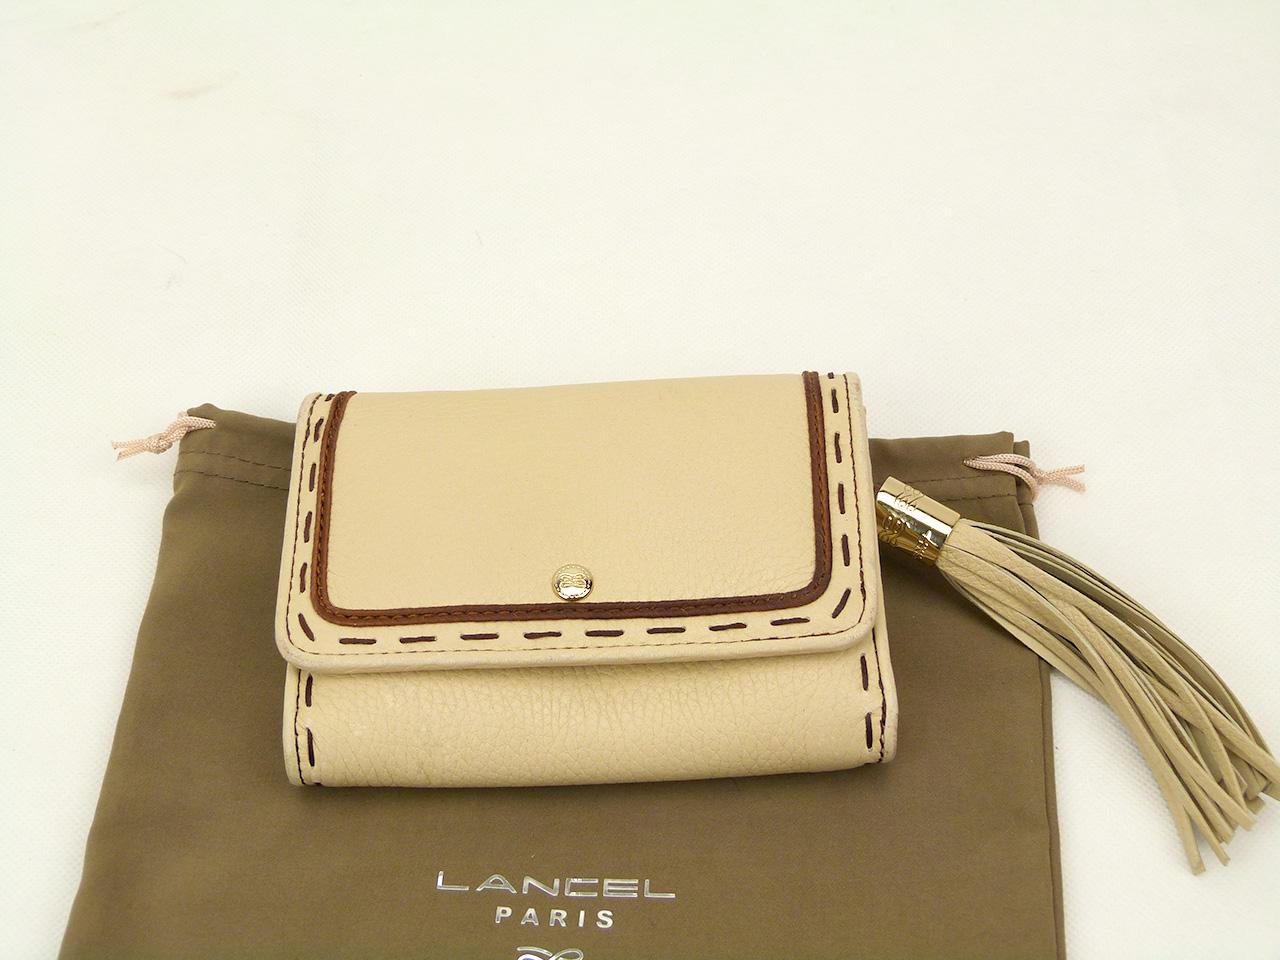 Sac à main et Portefeuille Lancel Premier Flirt Authentique d'occasion en cuir grainé couleur ivoire